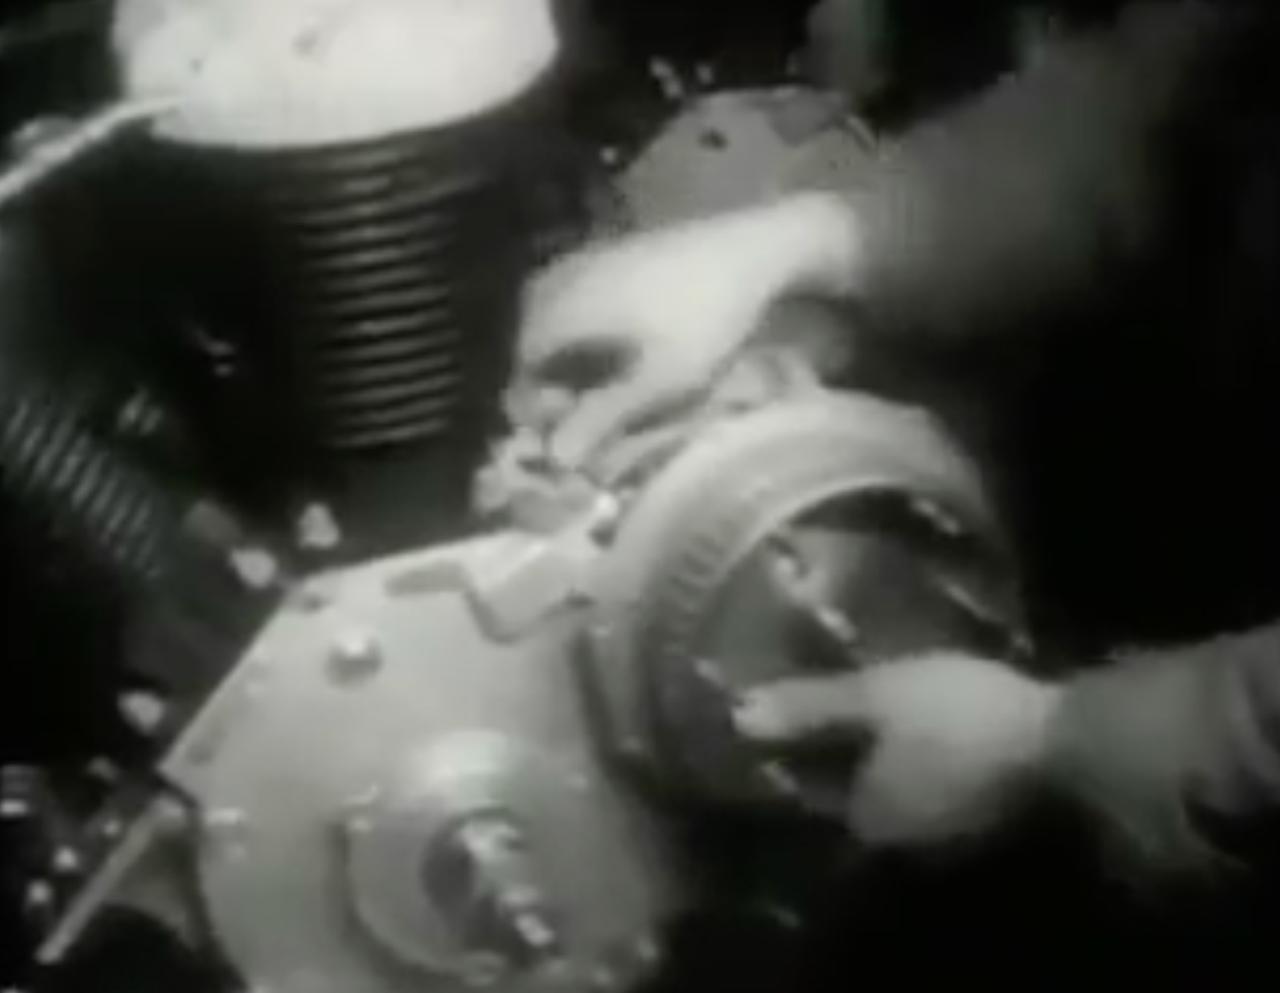 画像: 1950年型から、インディアン最大排気量のチーフは80 cu in (1,300 cc)の排気量を採用しています。なんとプライマリーチェーンは、大トルクに耐えうる4重タイプを使用しています(クラッチ側スプロケットは3枚で、4重チェーンの奥から2列目は発電機のスプロケット駆動に使います)。 www.youtube.com